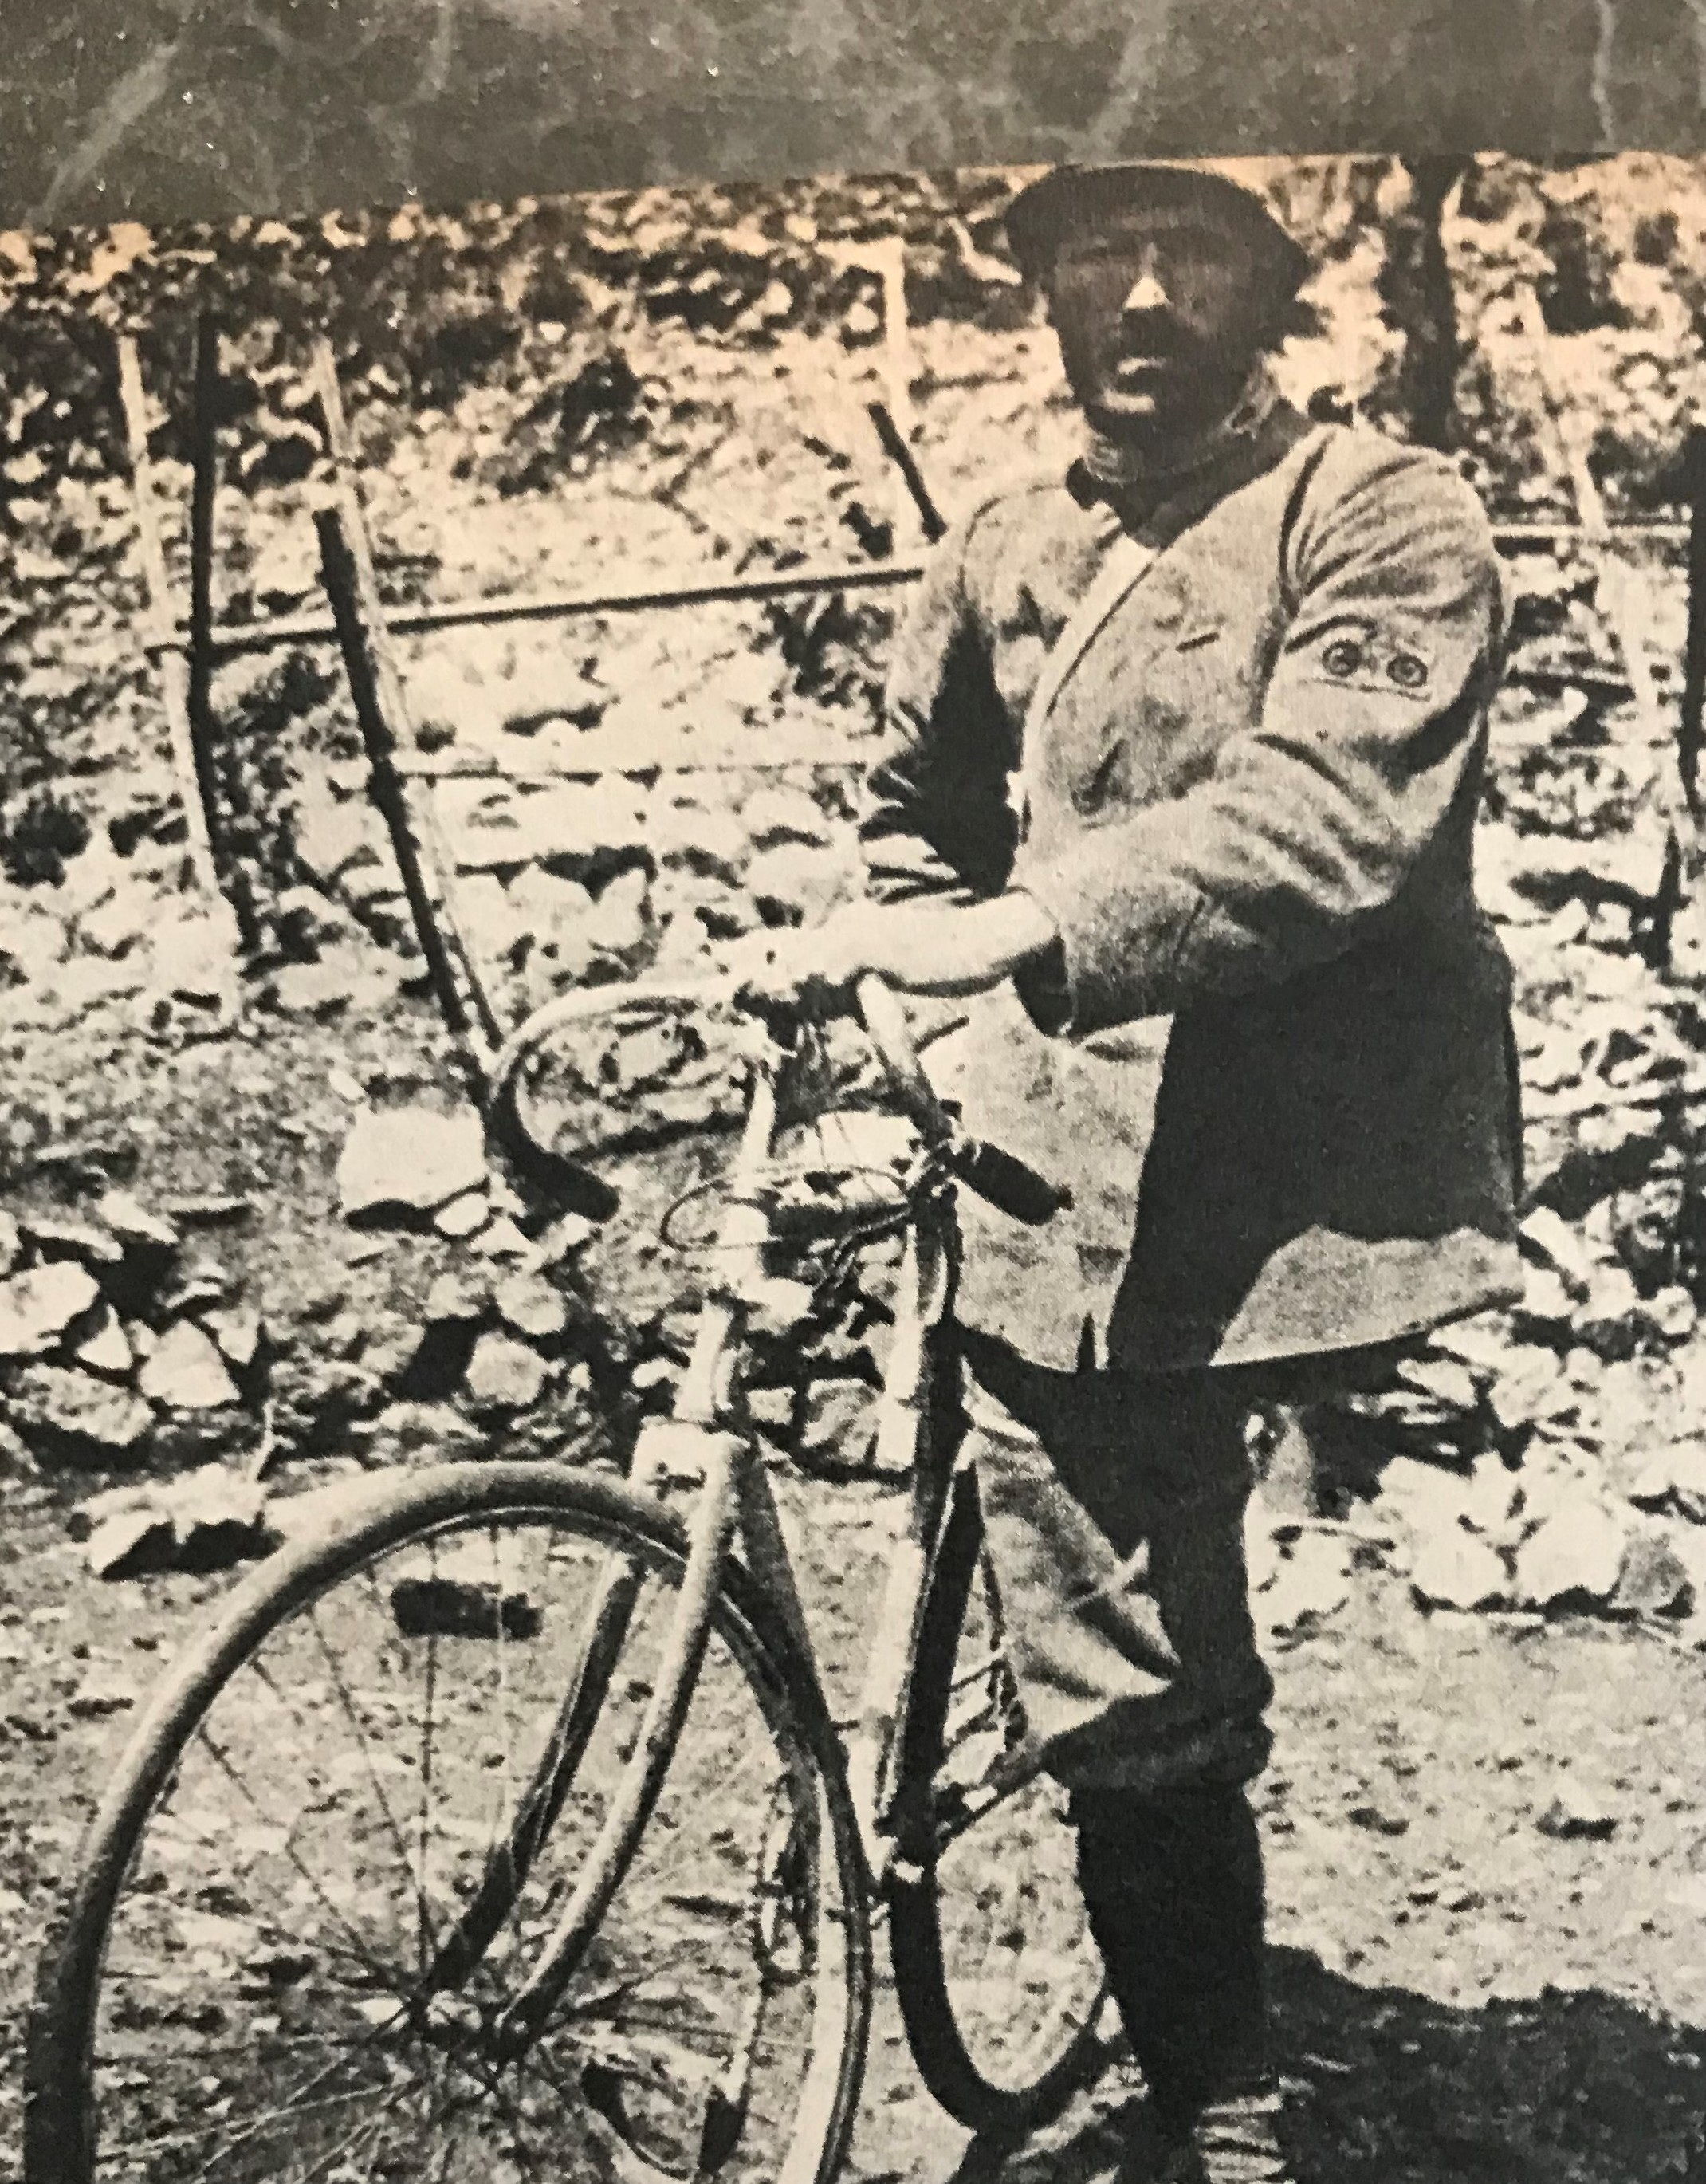 Il Bersagliere Enrico Toti, Medaglia d'Oro al Valor Militare